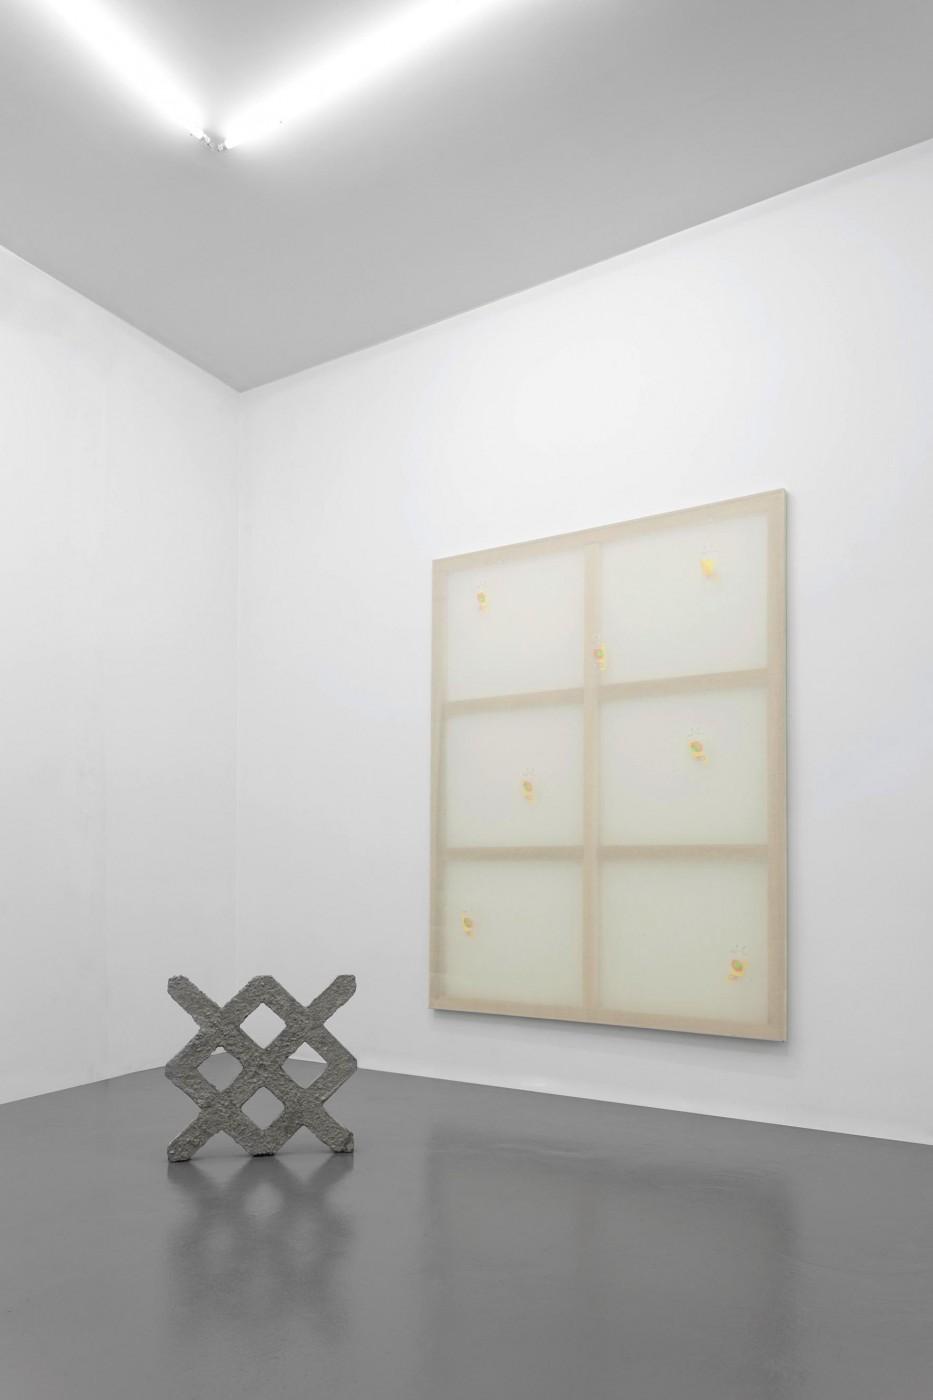 t twoninethree - May Hands / Emanuel Röhss - 1